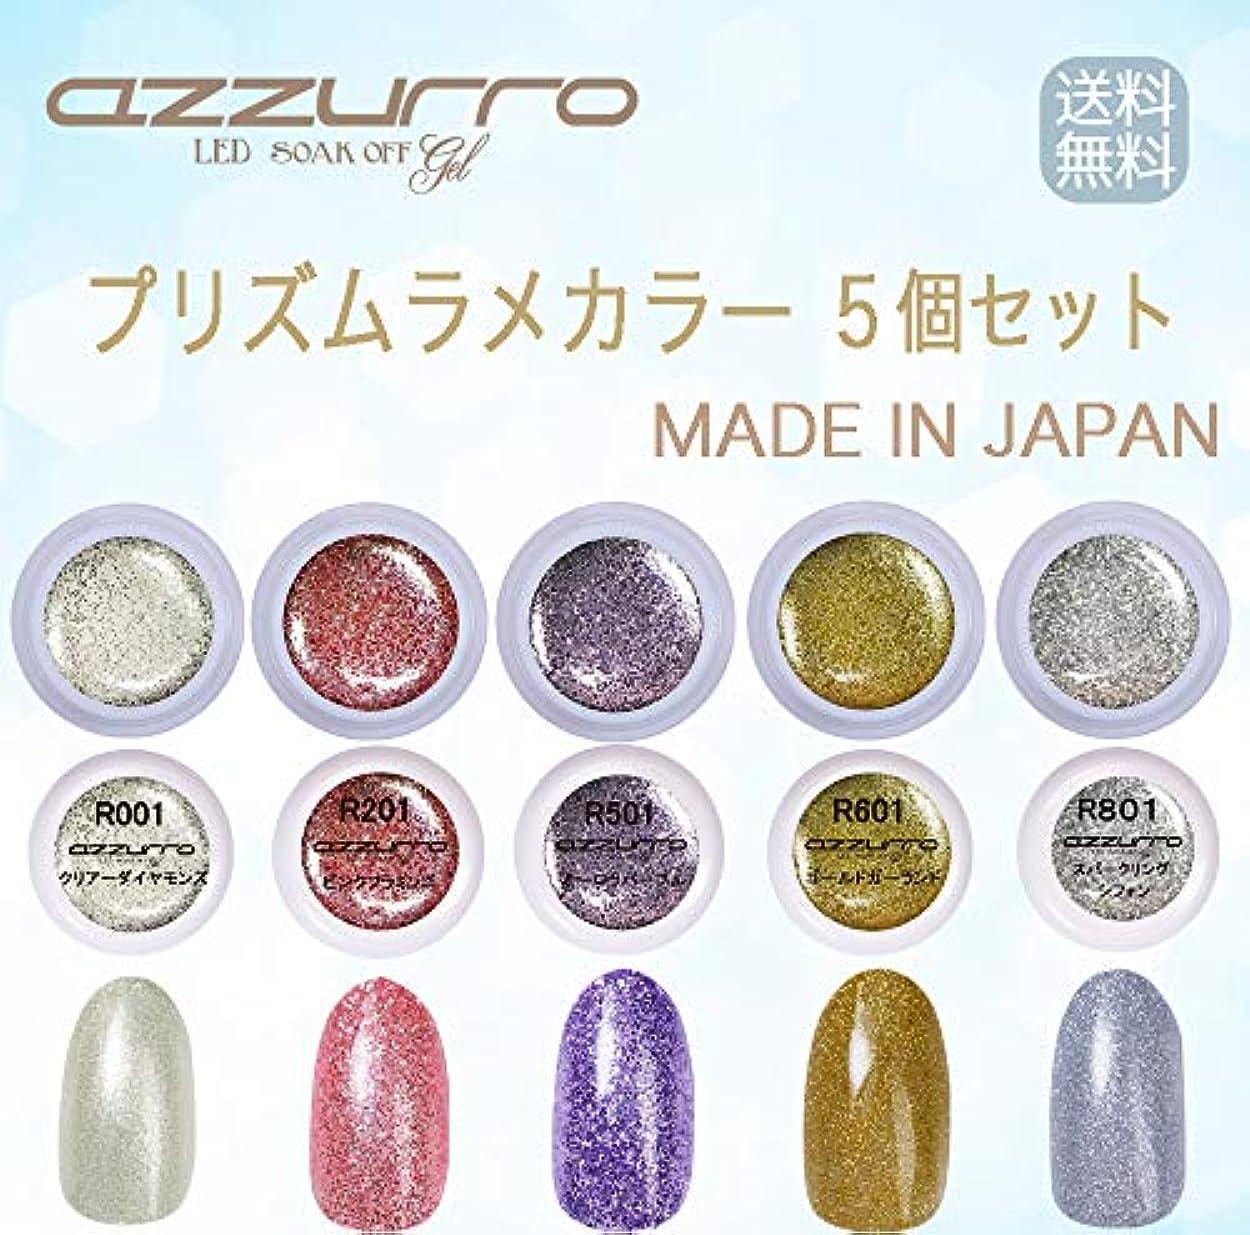 安らぎ帰する一晩【送料無料】日本製 azzurro gel プリズムラメカラージェル5個セット キラキラネイルにぴったりなカラー